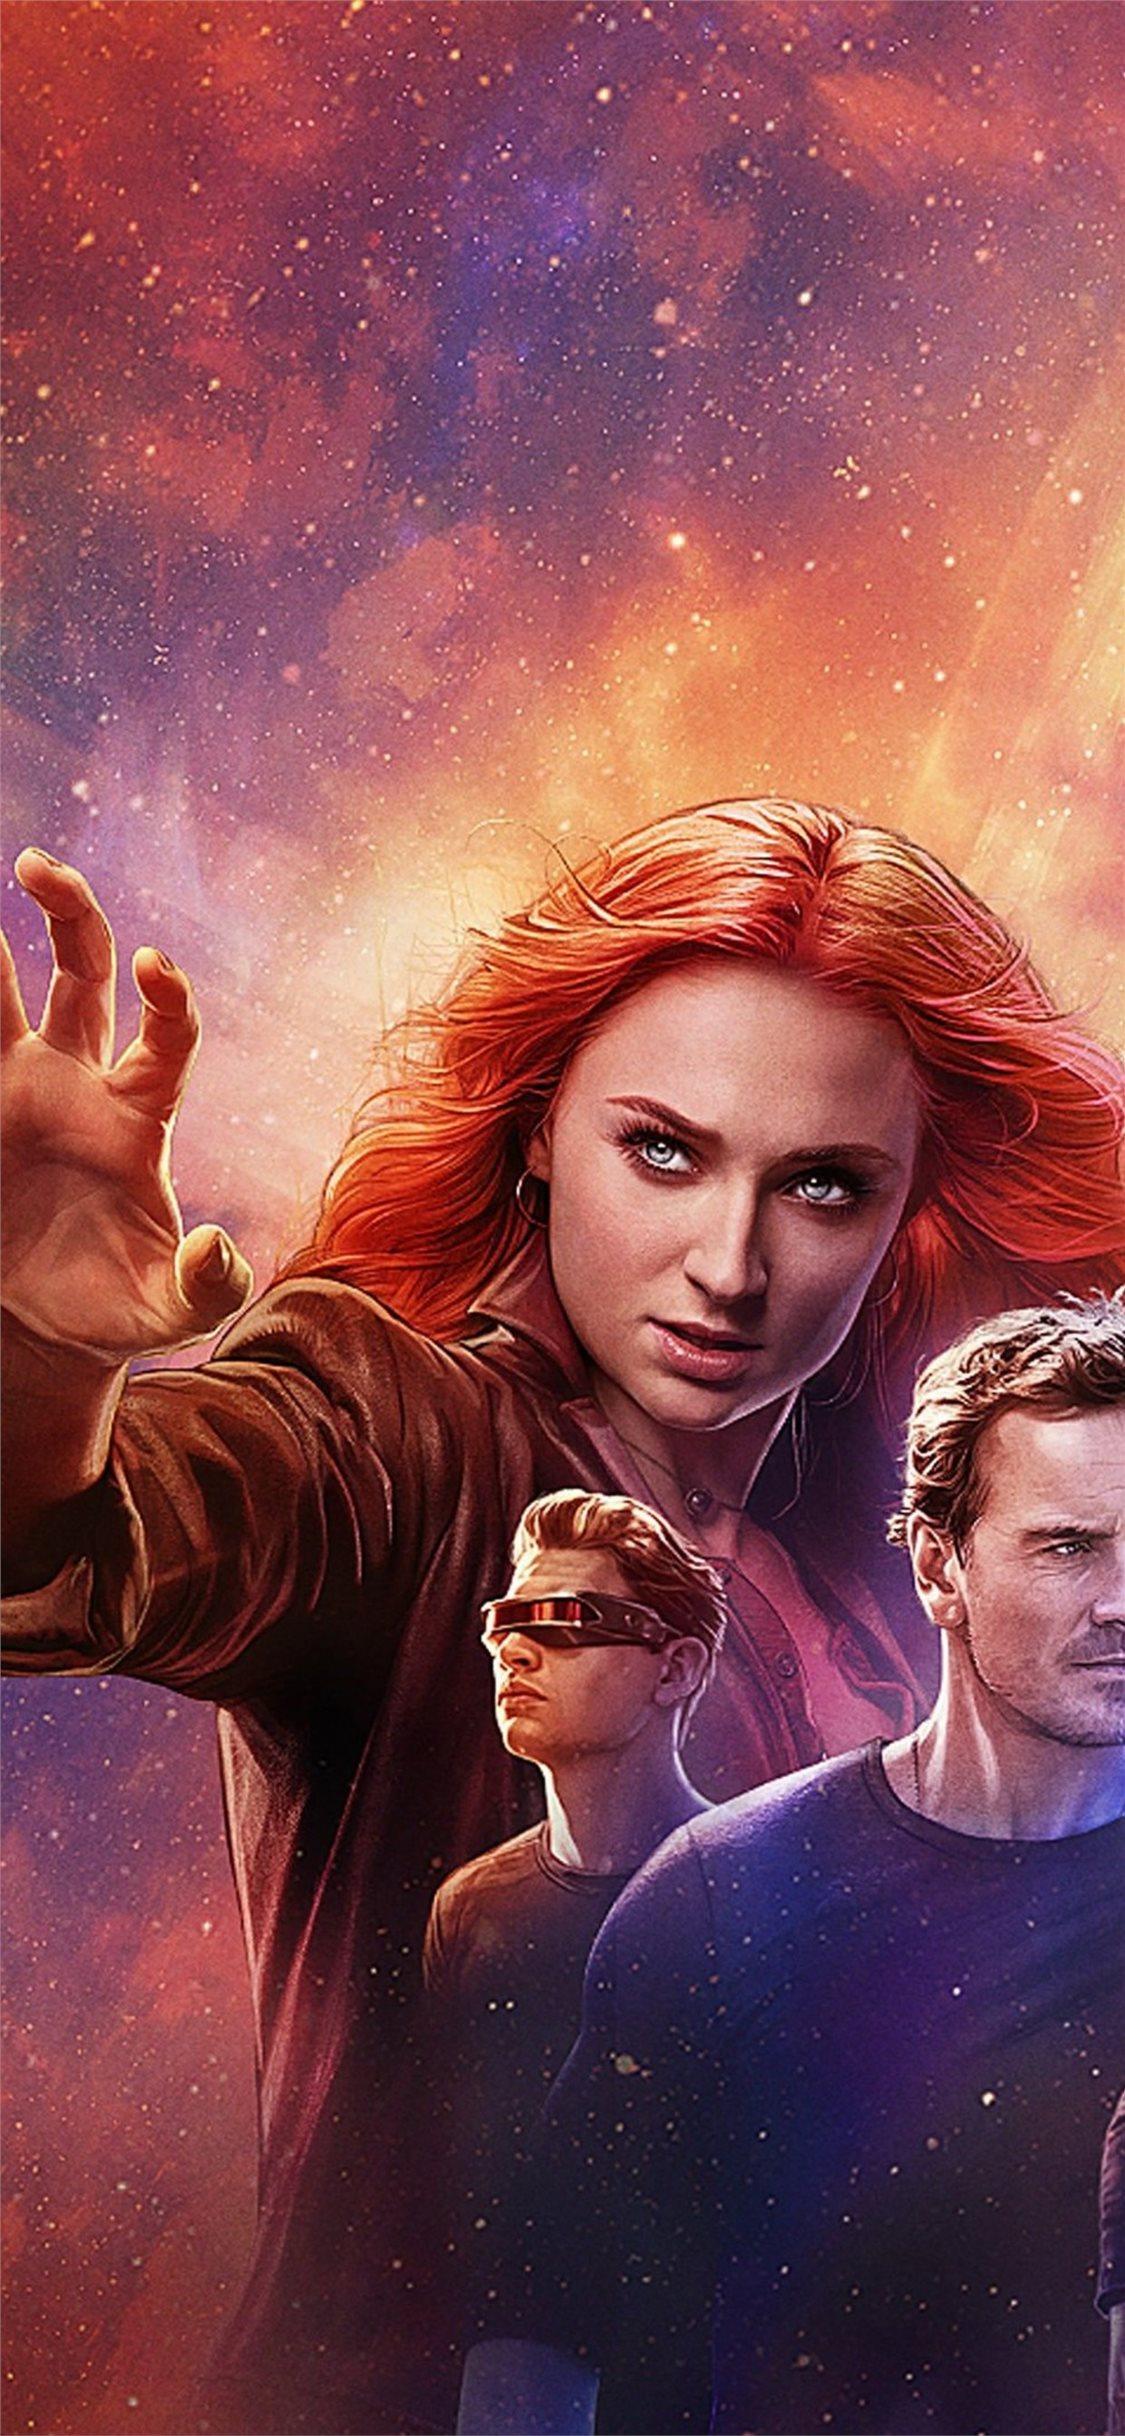 X Men Dark Phoenix 4k 2019 Poster Iphone X Wallpapers Free